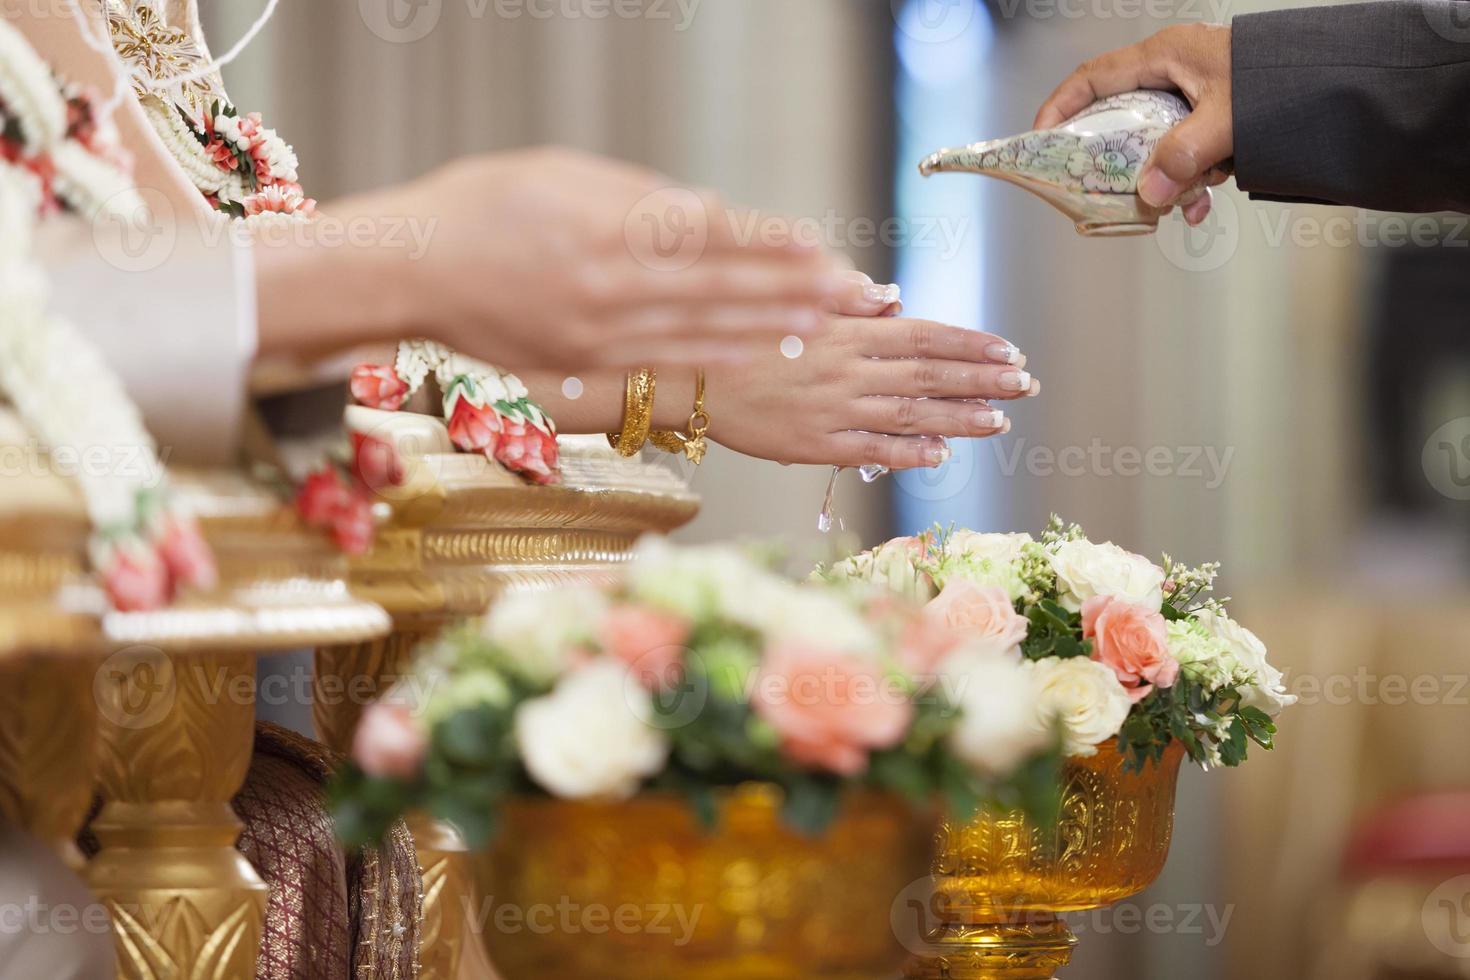 Thais huwelijksceremonie cultuurhuwelijk. - (selectieve focus) foto